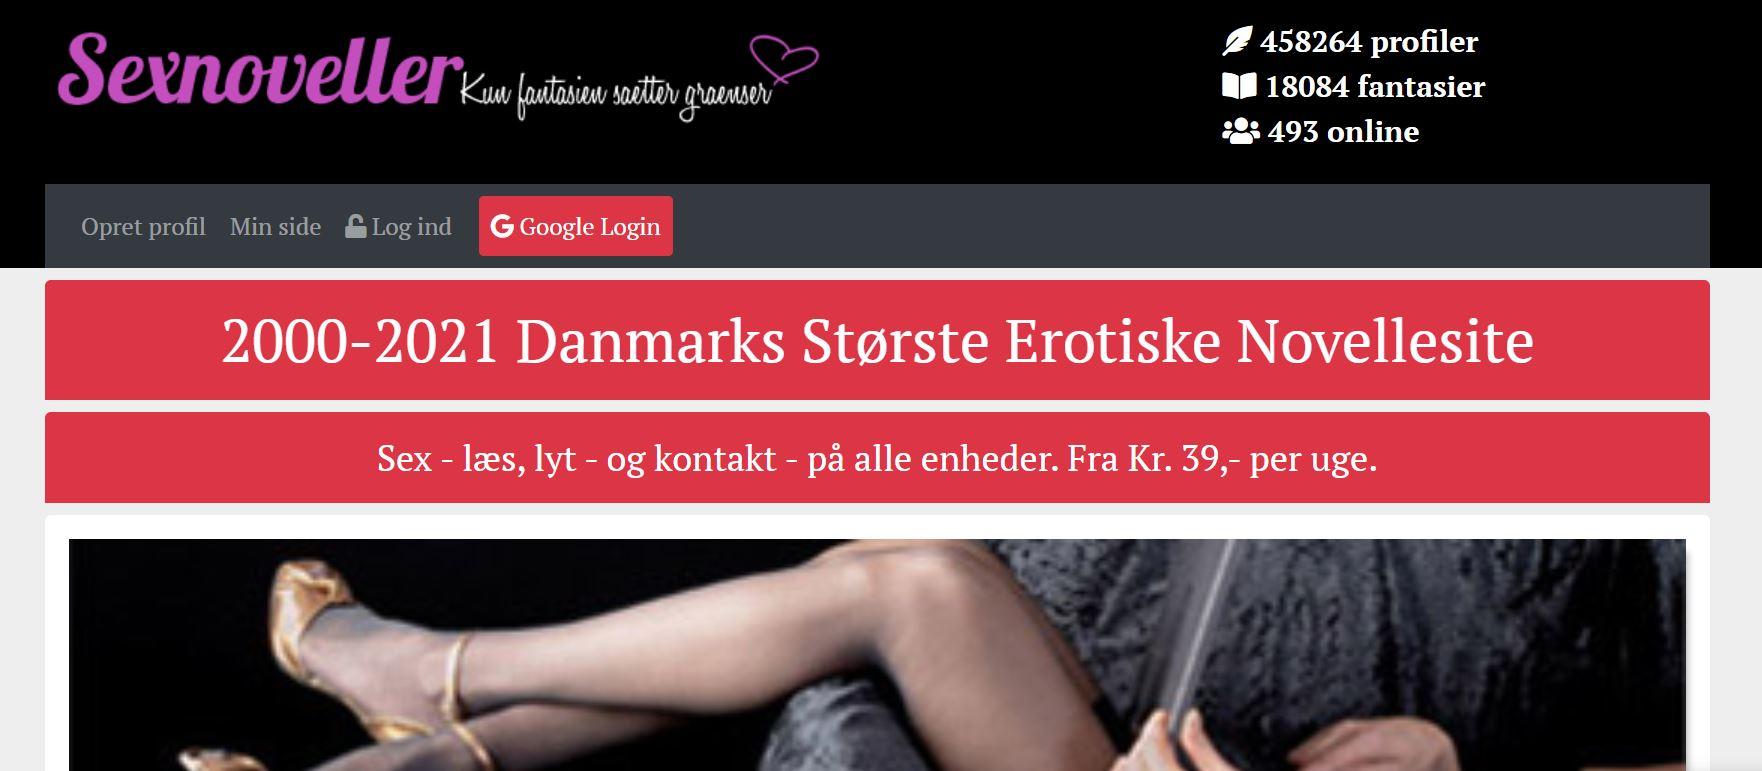 sexnoveller.dk